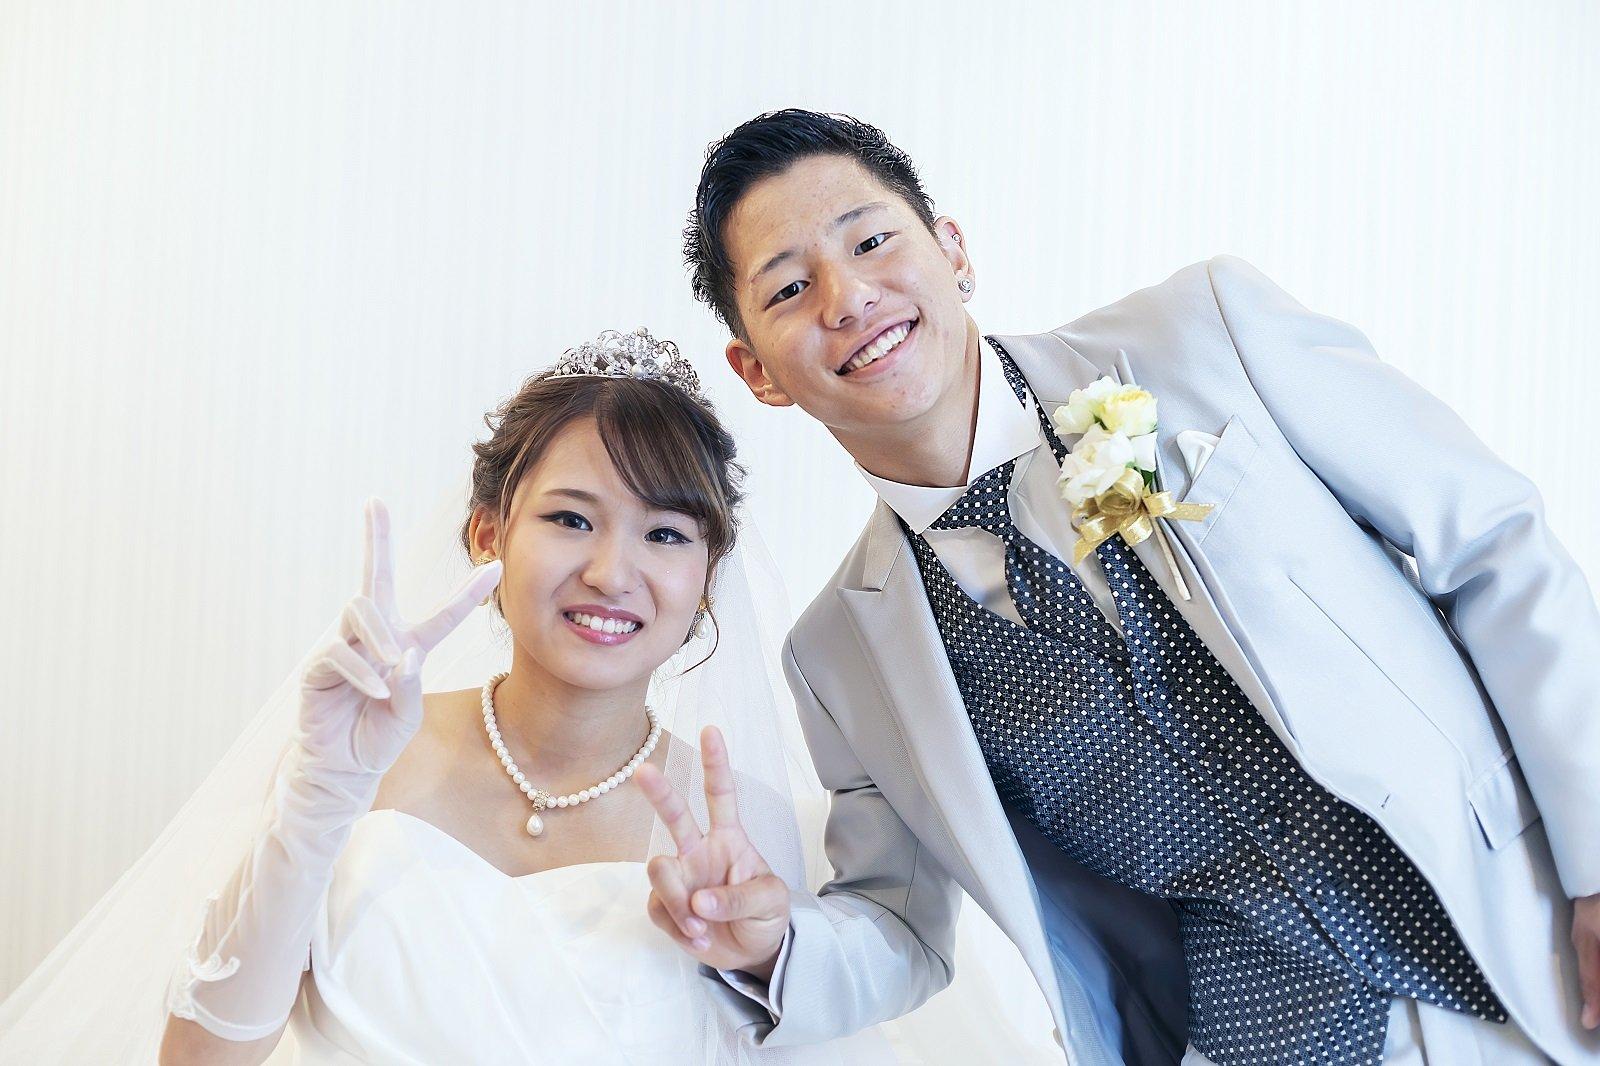 香川県高松市の小さな結婚式相談カウンターマリマリコンシェルジュのご紹介式場での新郎新婦の記念写真